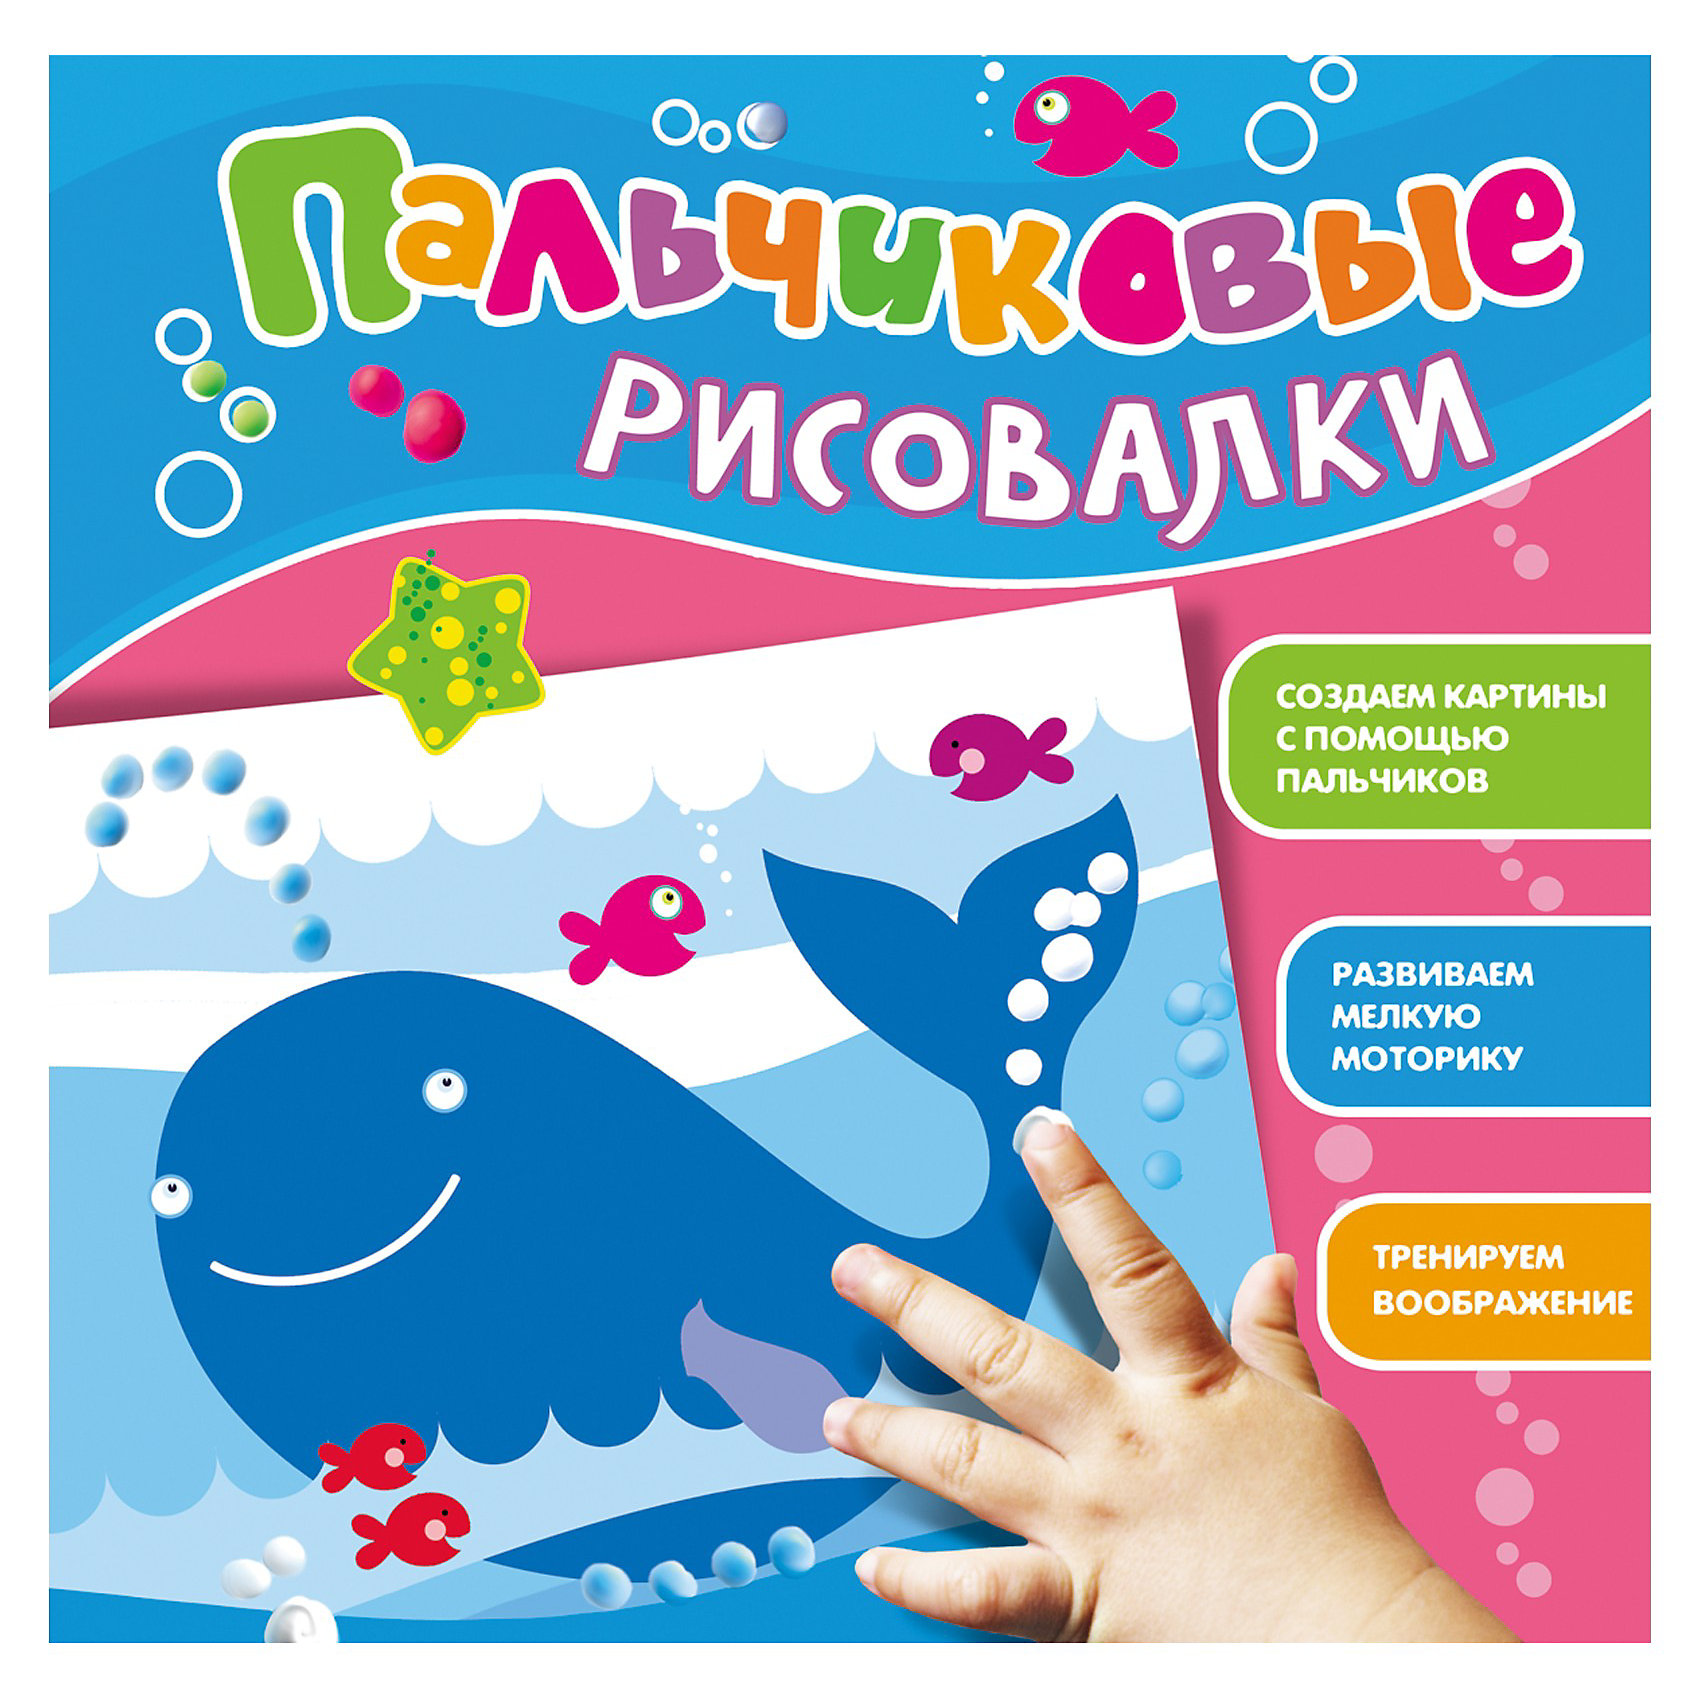 Пальчиковые рисовалки. РосмэнАльбом «Пальчиковые рисовалки» с картинками про кита необычен тем, что здесь ребенок должен не просто раскрашивать картинки при помощи пальчиковых красок, но и сам дорисовывать сюжет картинки, следуя за рисунками-подсказками художника.<br><br>Пальчиковое рисование – увлекательное и полезное занятие. С его помощью у ребёнка развиваются мелкая моторика и образное мышление и фантазия.<br><br>Рисуйте, общайтесь и фантазируйте вместе с ребёнком!<br><br>Дополнительная информация:<br><br>- Серия: Пальчиковые рисовалки<br>- Редактор: А. Шахова<br>- Иллюстратор: Алена Жиренкина<br>- Переплет: мягкий<br>- Формат: 80 х 100  мм<br>- Количество страниц: 12<br><br>Книгу «Пальчиковые рисовалки. Росмэн» можно купить в нашем интернет-магазине.<br><br>Ширина мм: 224<br>Глубина мм: 2<br>Высота мм: 243<br>Вес г: 80<br>Возраст от месяцев: 24<br>Возраст до месяцев: 60<br>Пол: Унисекс<br>Возраст: Детский<br>SKU: 3509858